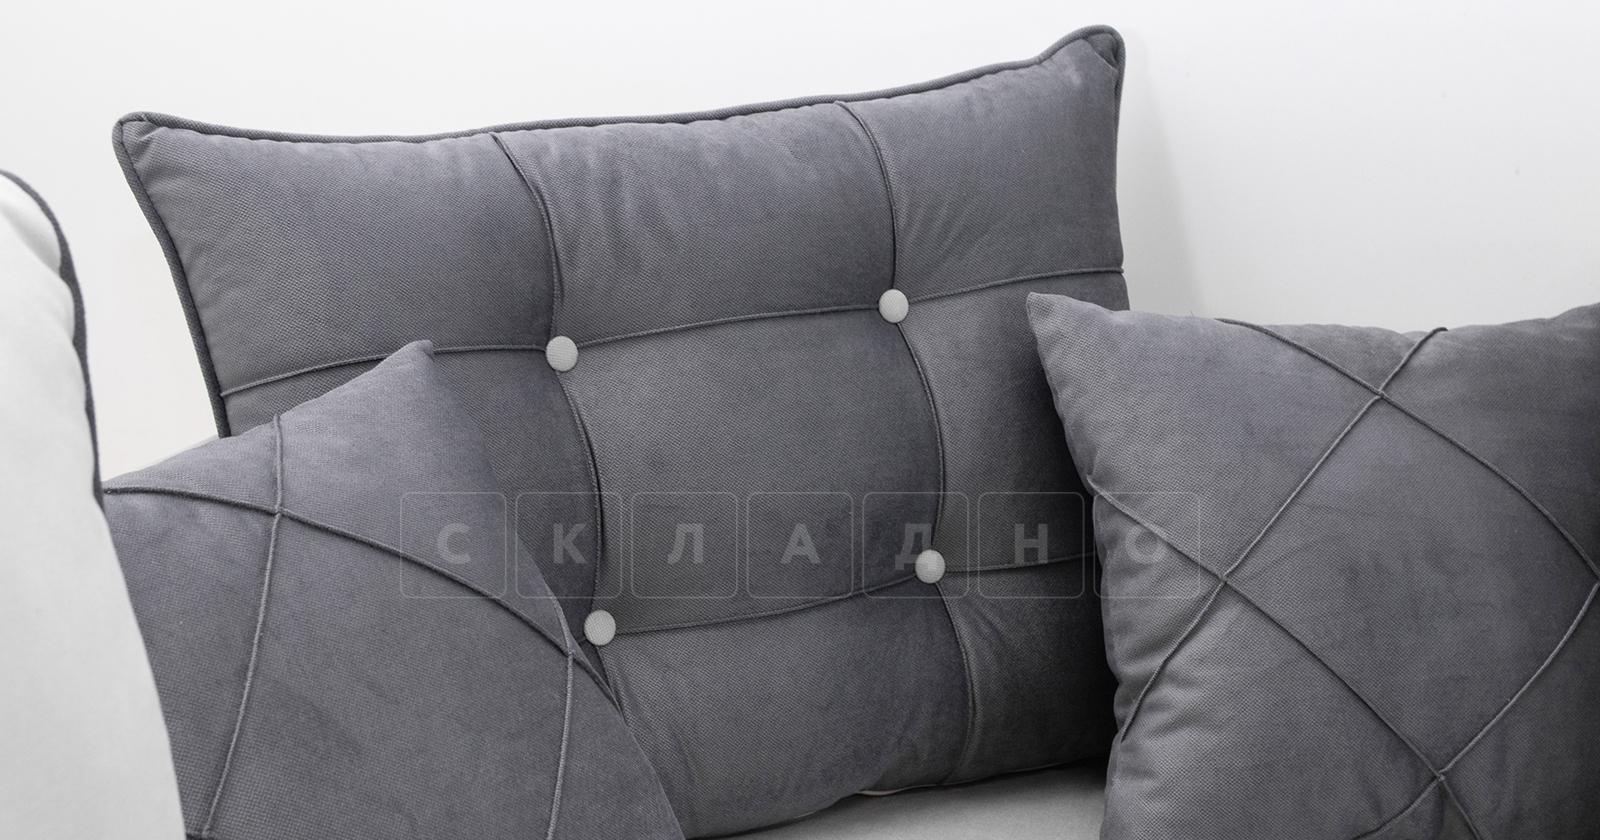 Диван-кровать угловой Флэтфорд светло-серый фото 8 | интернет-магазин Складно